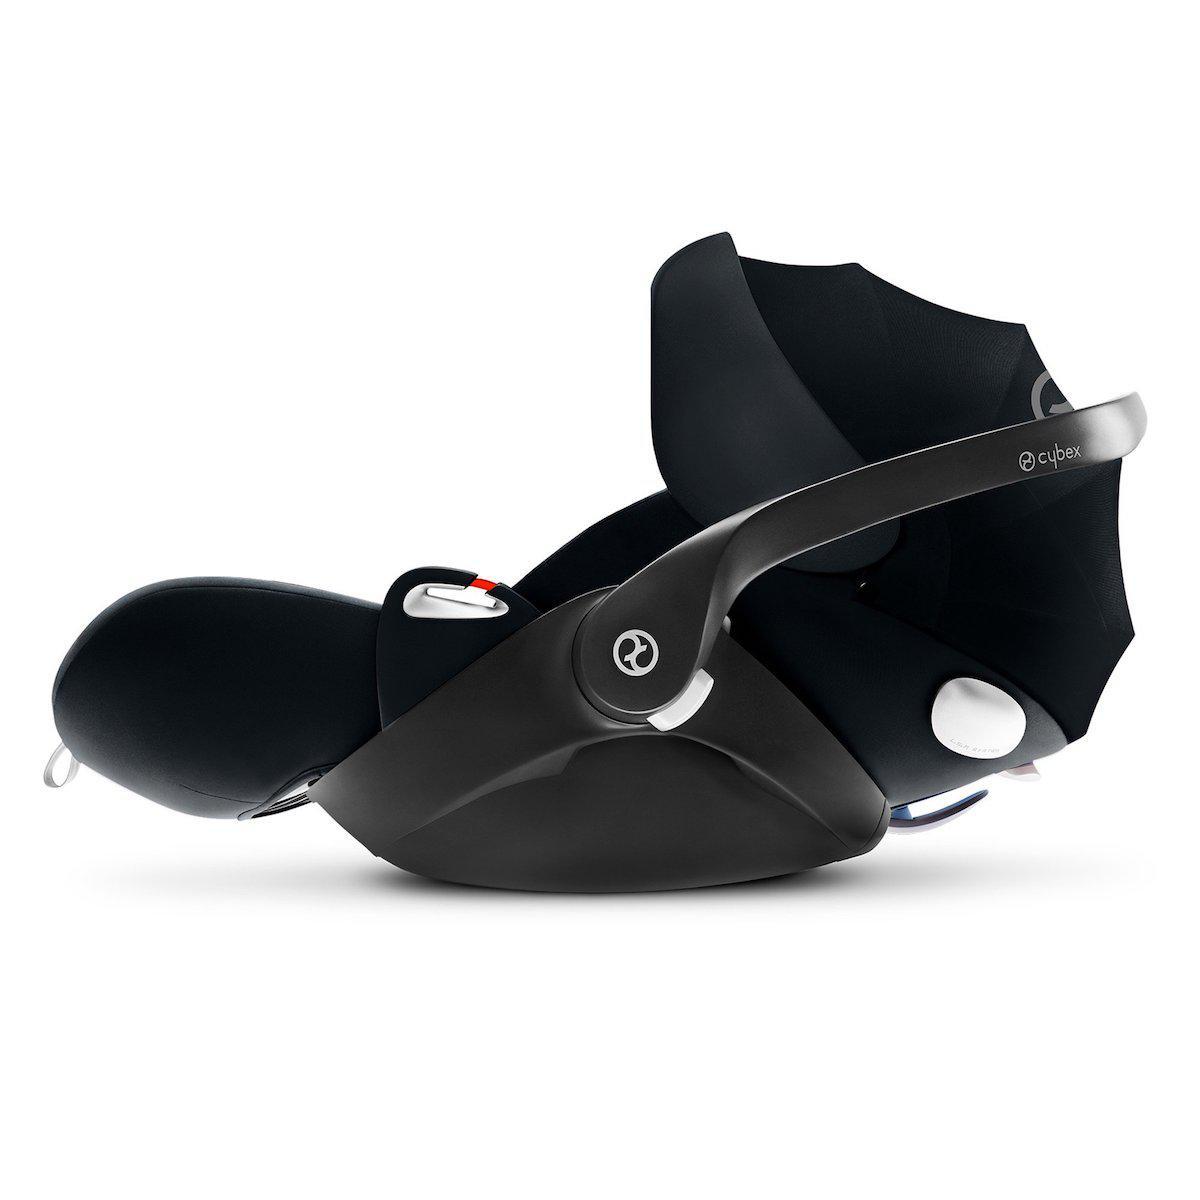 Silla auto 0+ CLOUD Z I-SIZE Cybex Stardust Black-black